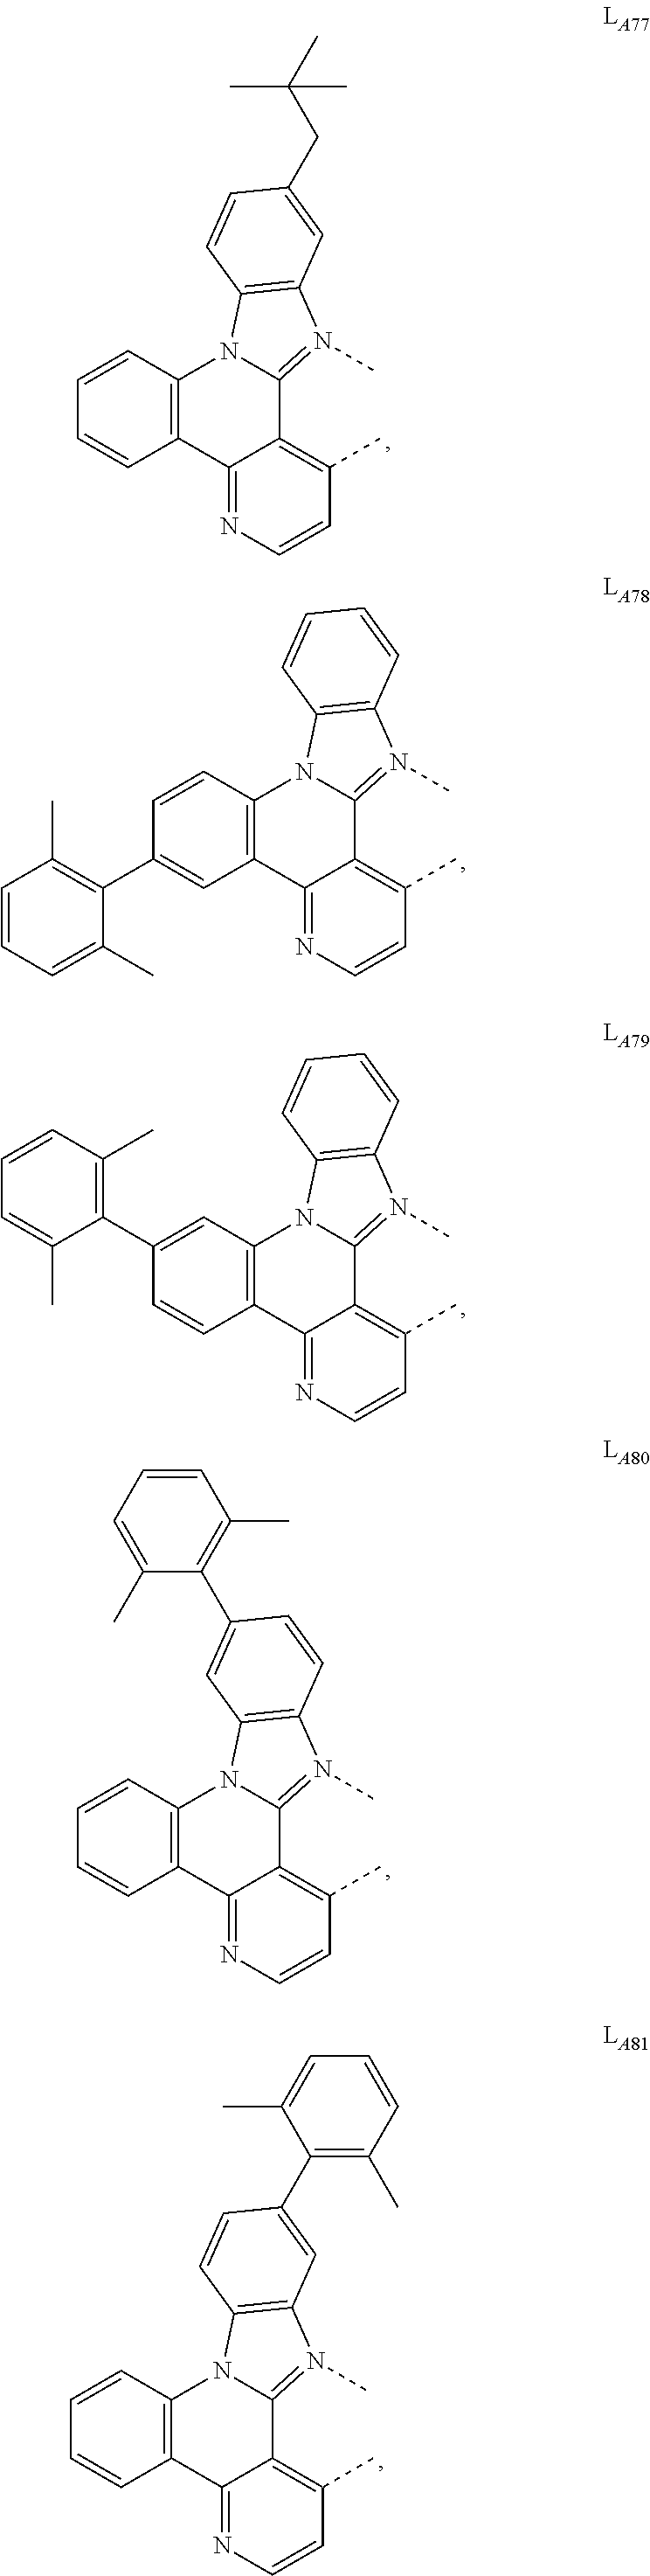 Figure US09905785-20180227-C00441